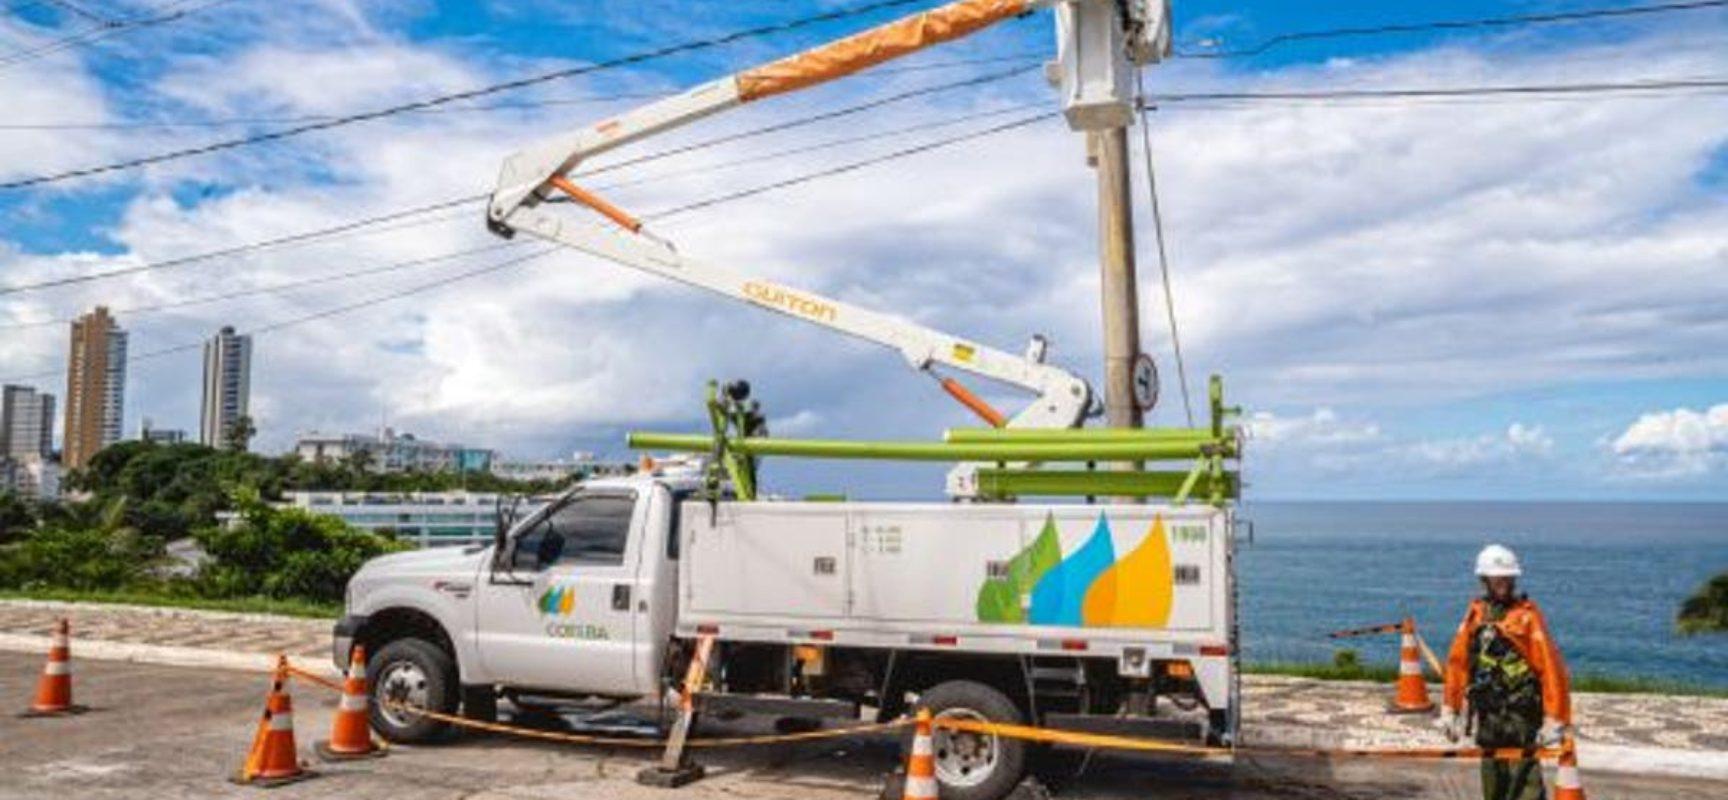 Procon de Ilhéus solicita soluções da Coelba por falhas no serviço de energia elétrica